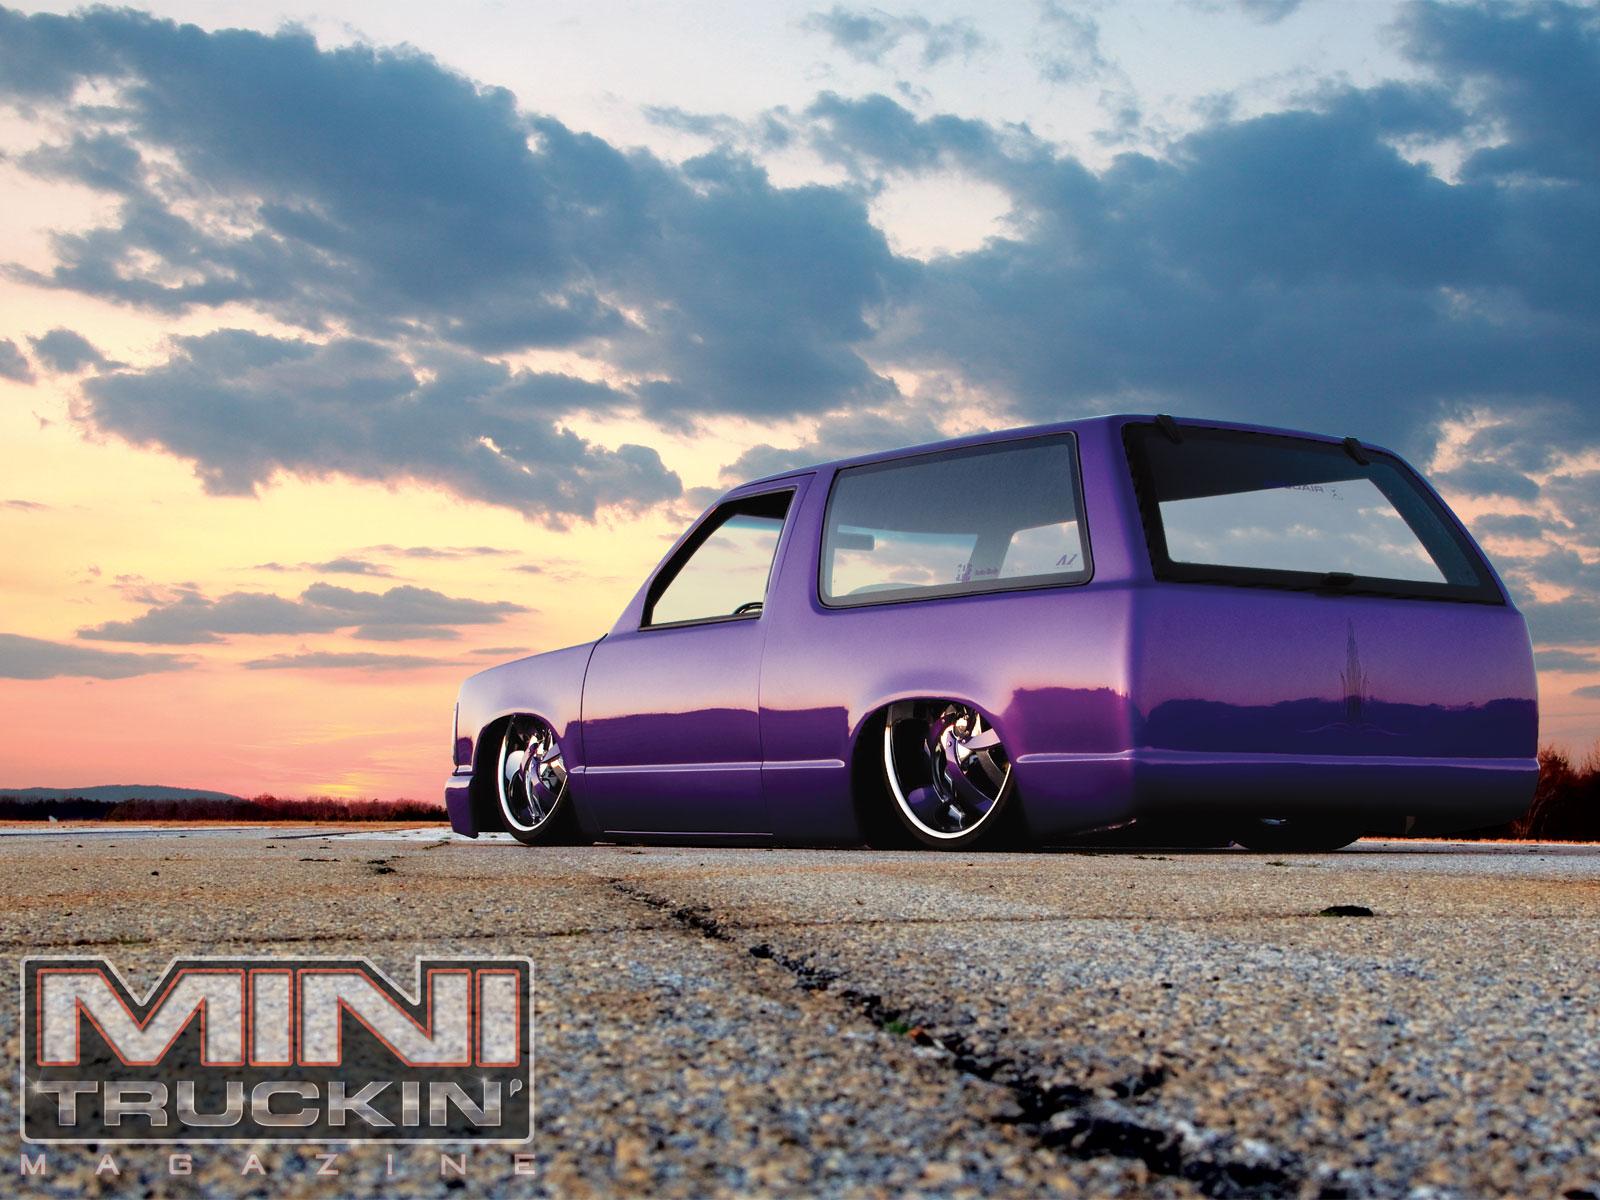 Mini Truckin Desktop Wallpapers June2011 1985 Chevy S10 Blazer Rear 1600x1200